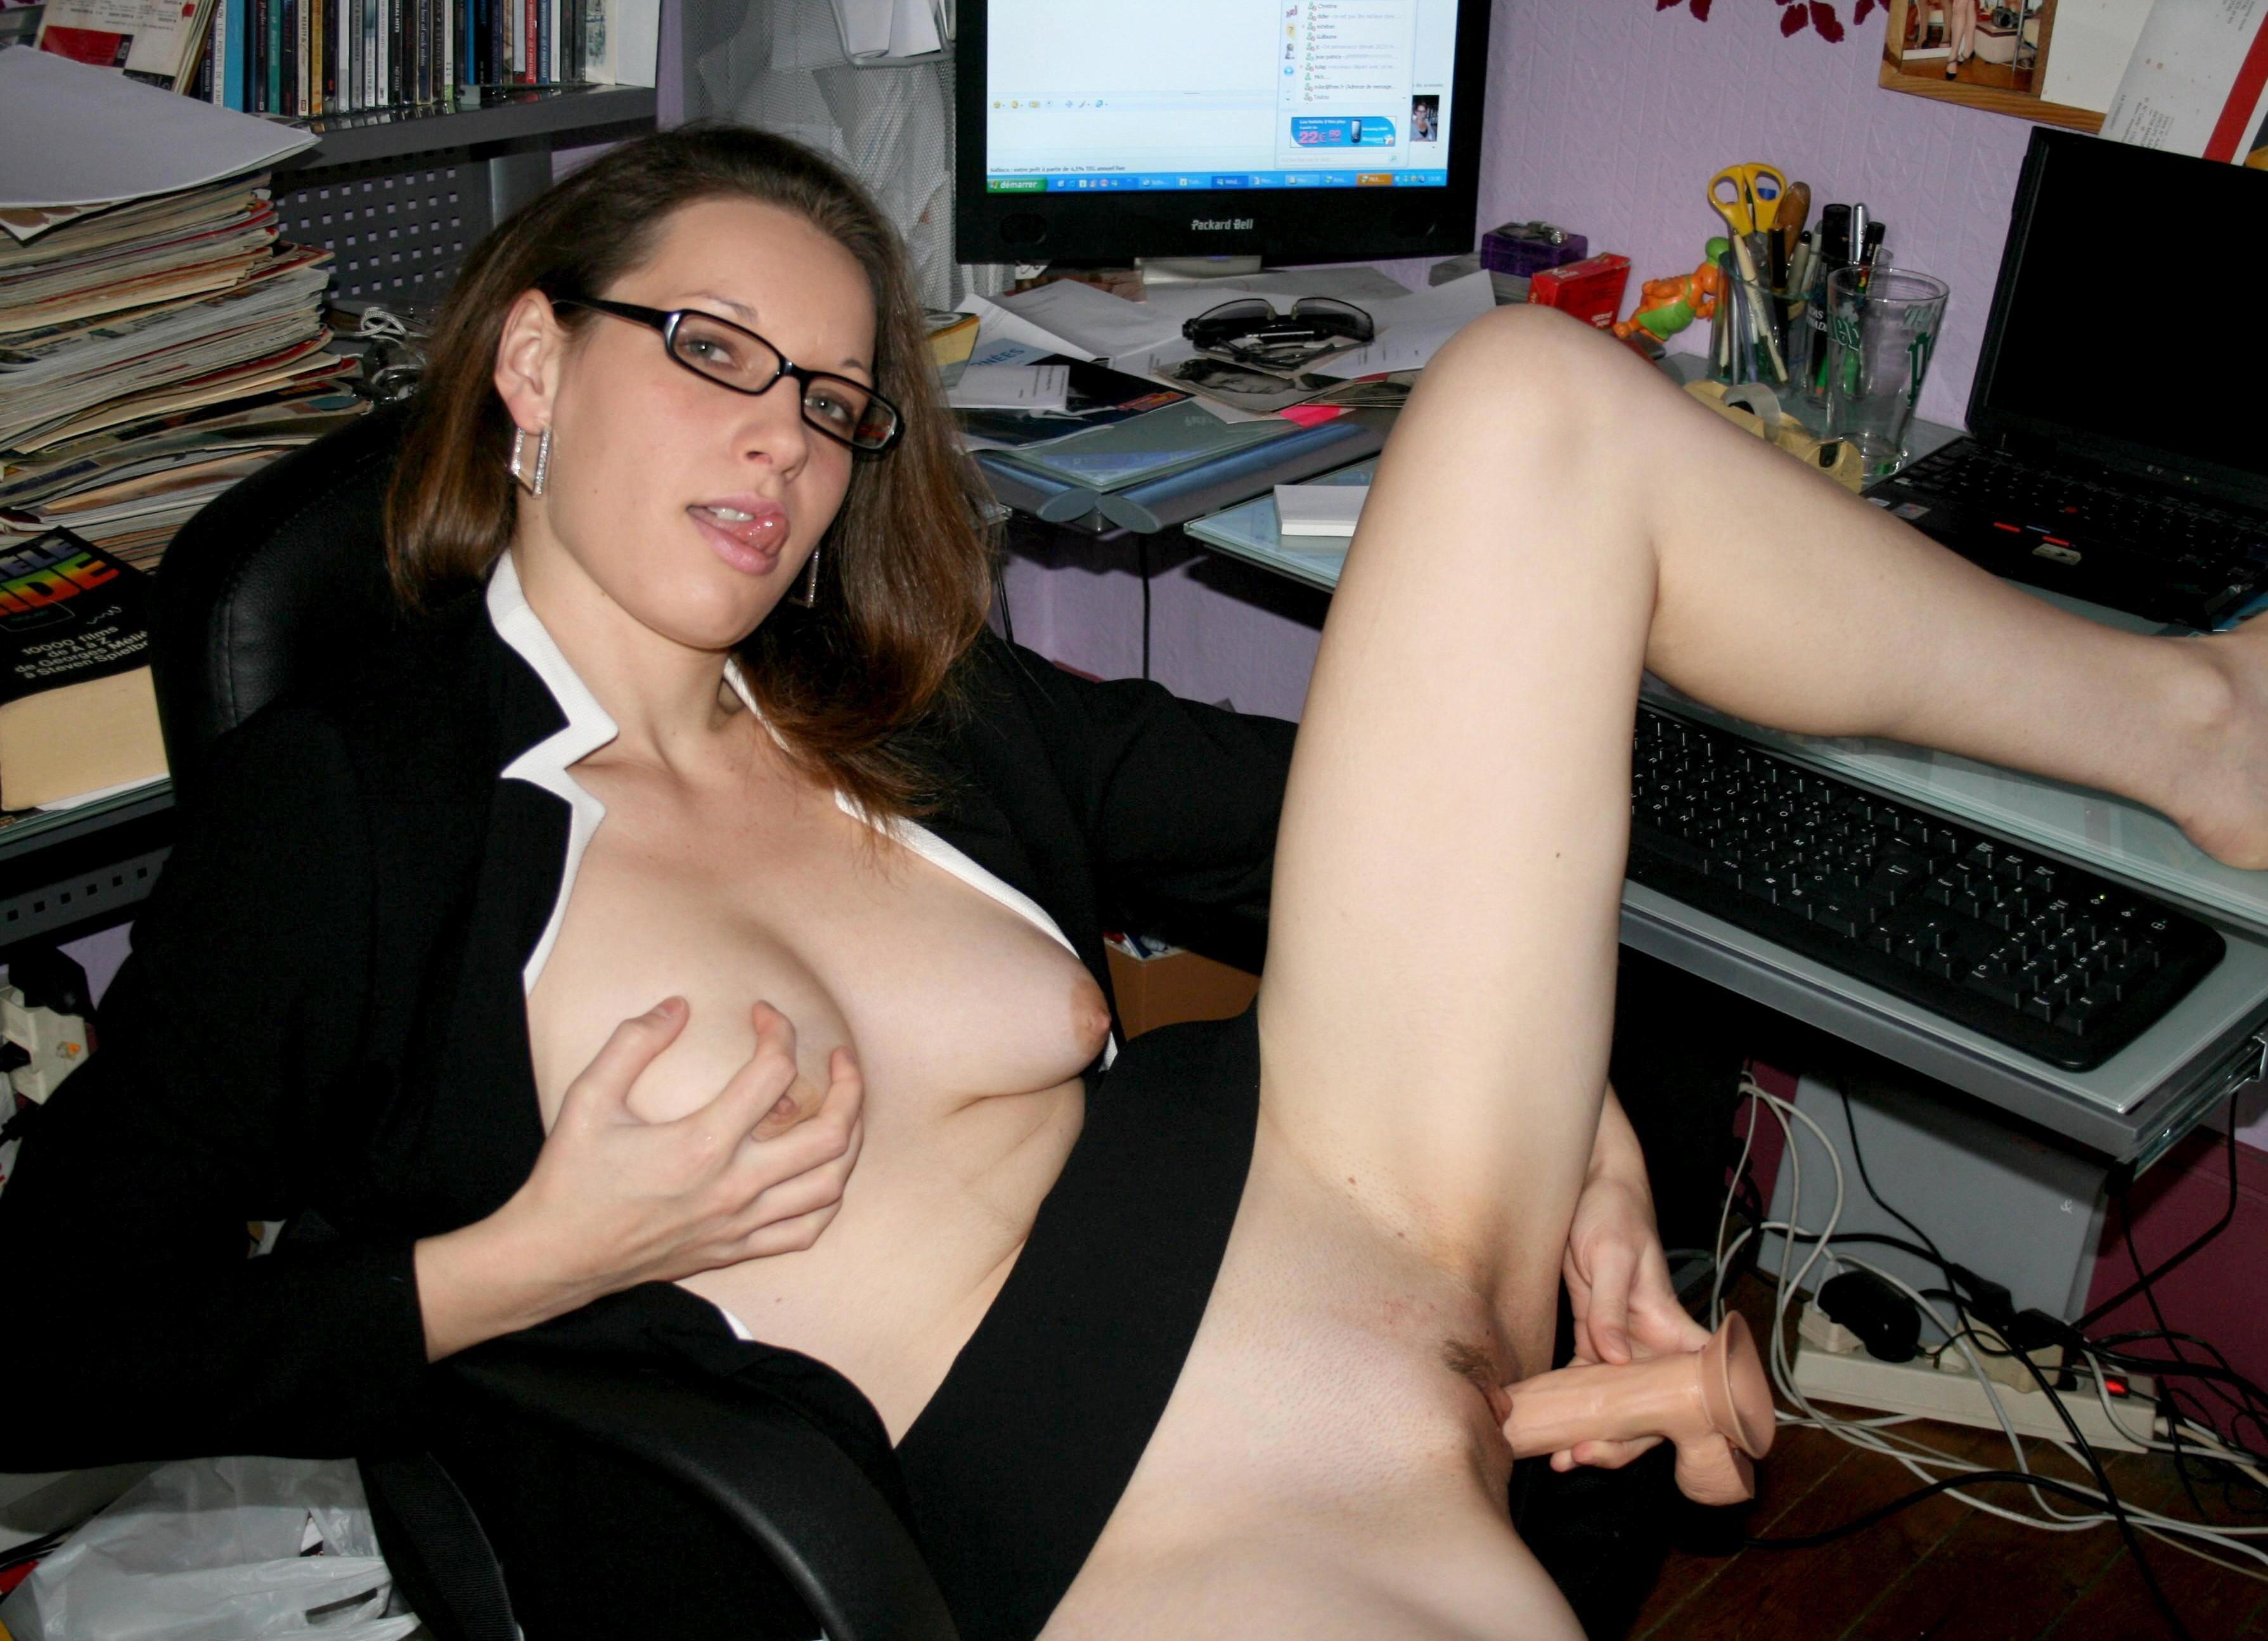 Фото мастурбации за компьютером 11 фотография